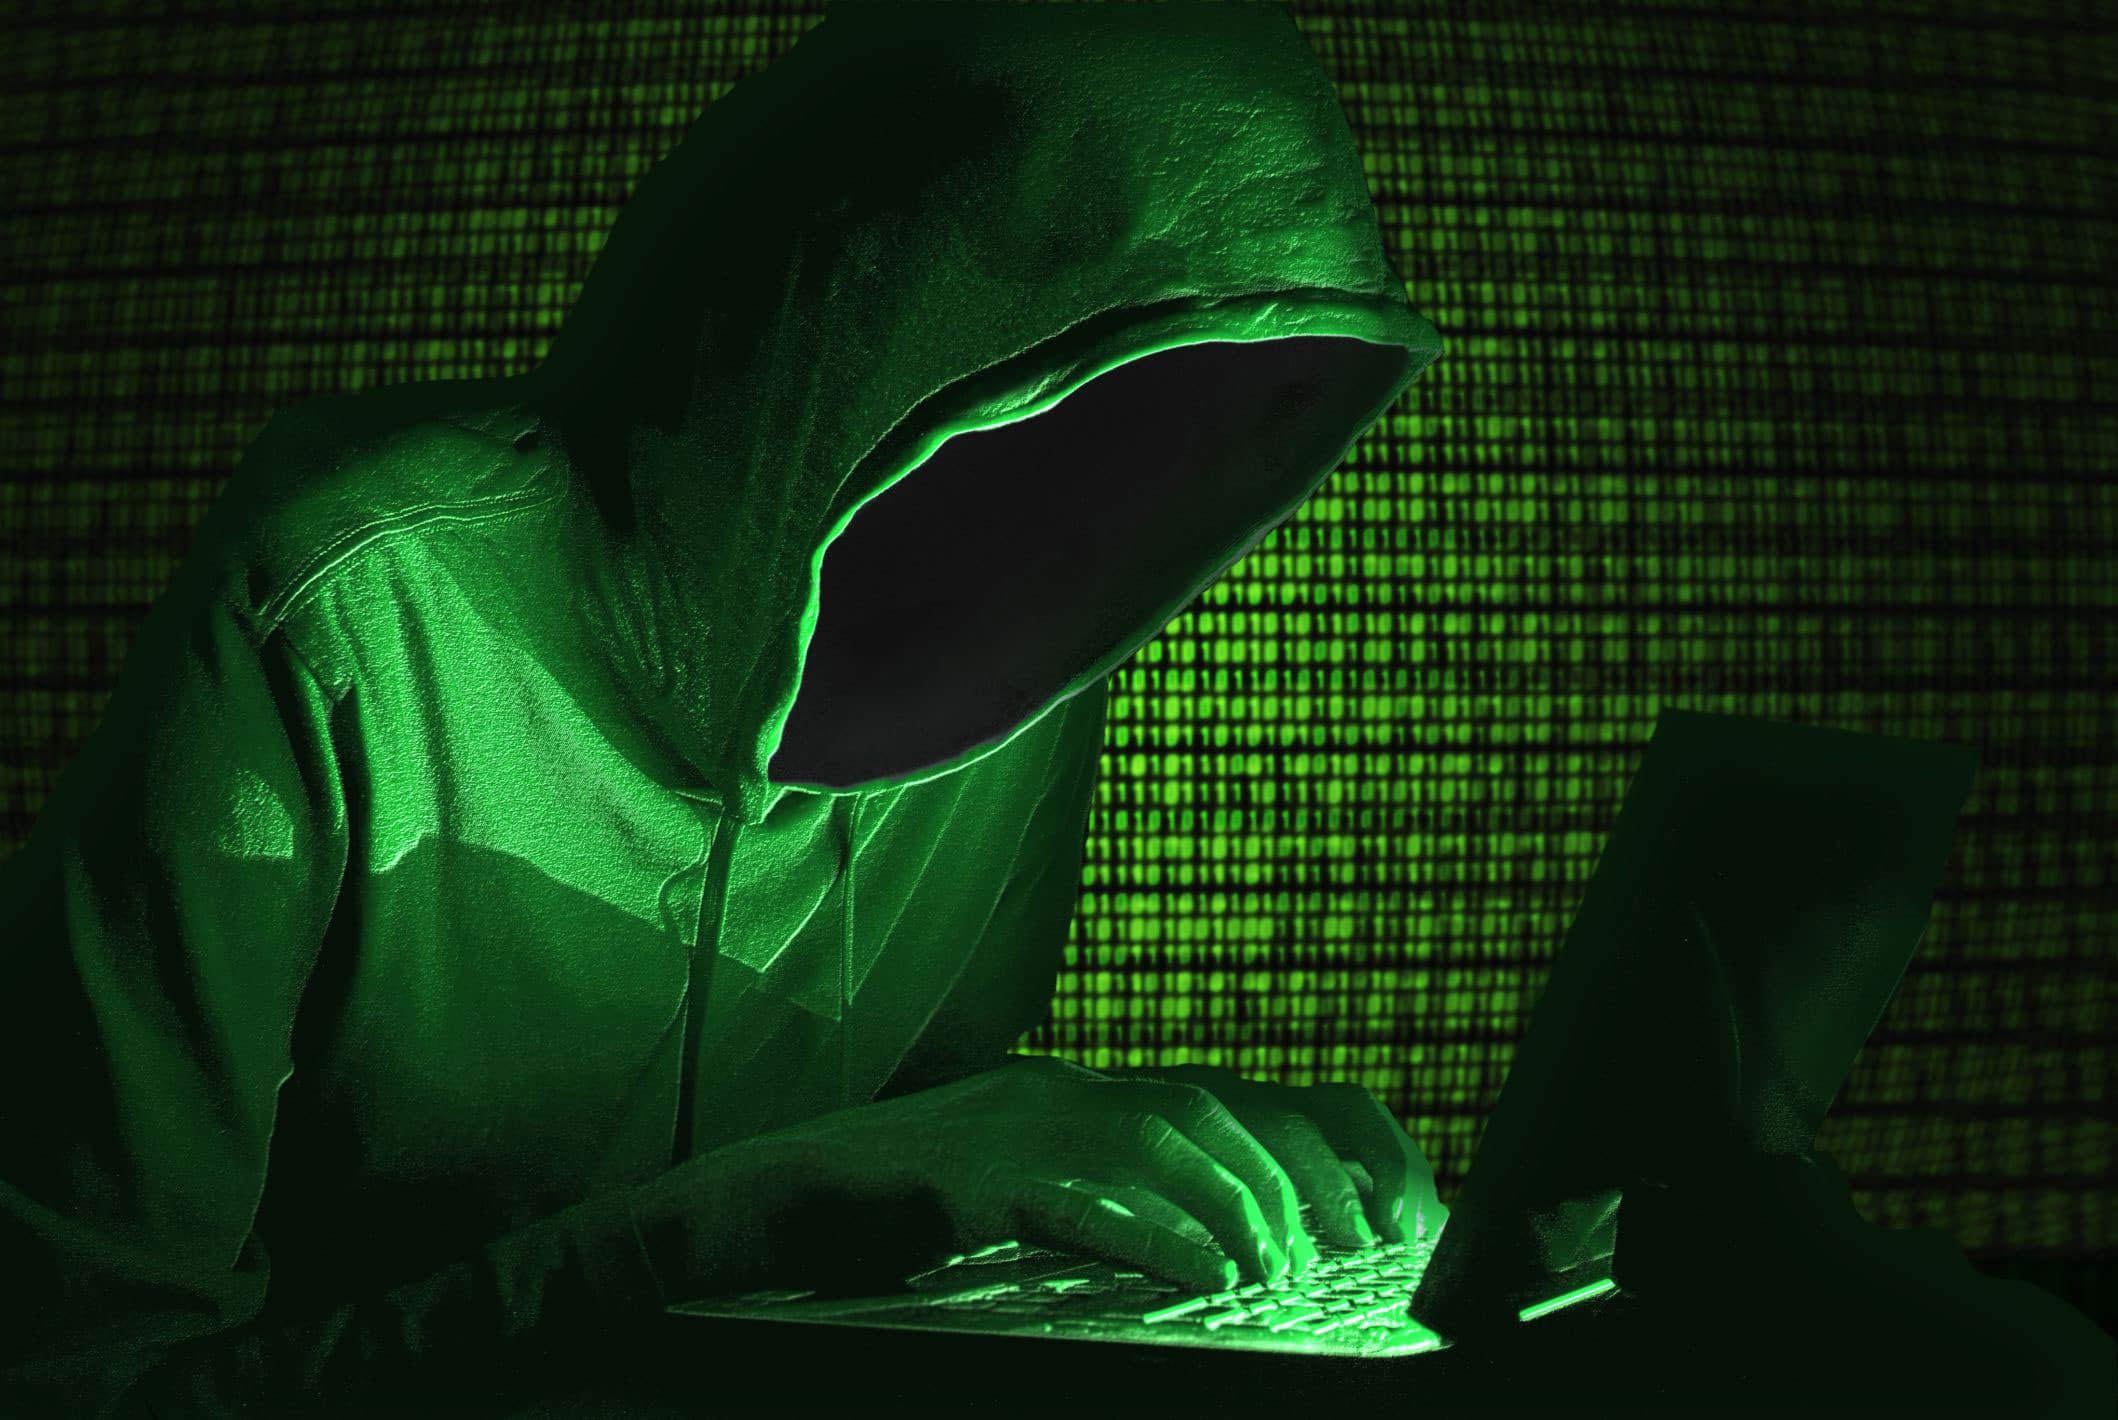 Dark Web : un forum clandestin qui proposait des armes et stupéfiants sur Tor démantelé par la police